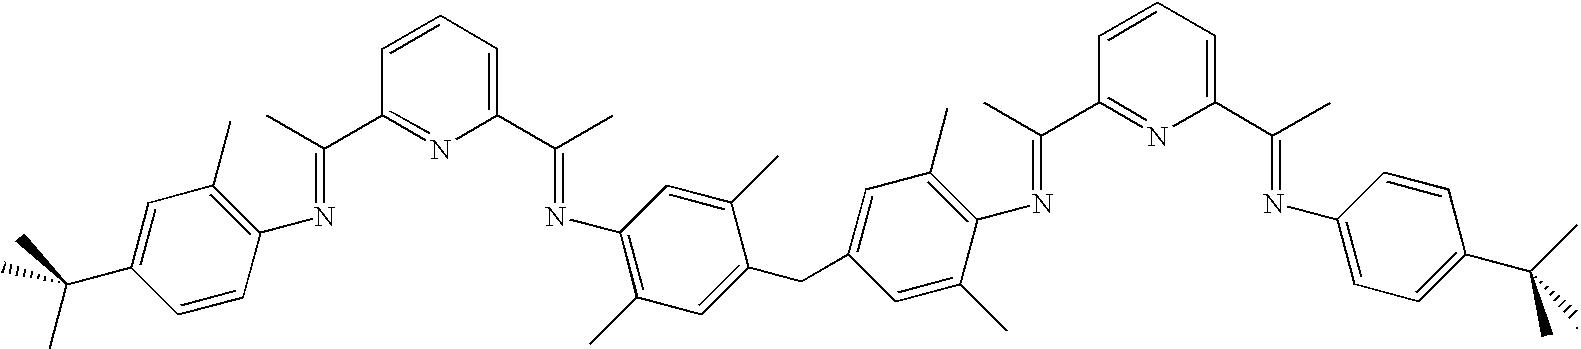 Figure US07045632-20060516-C00035